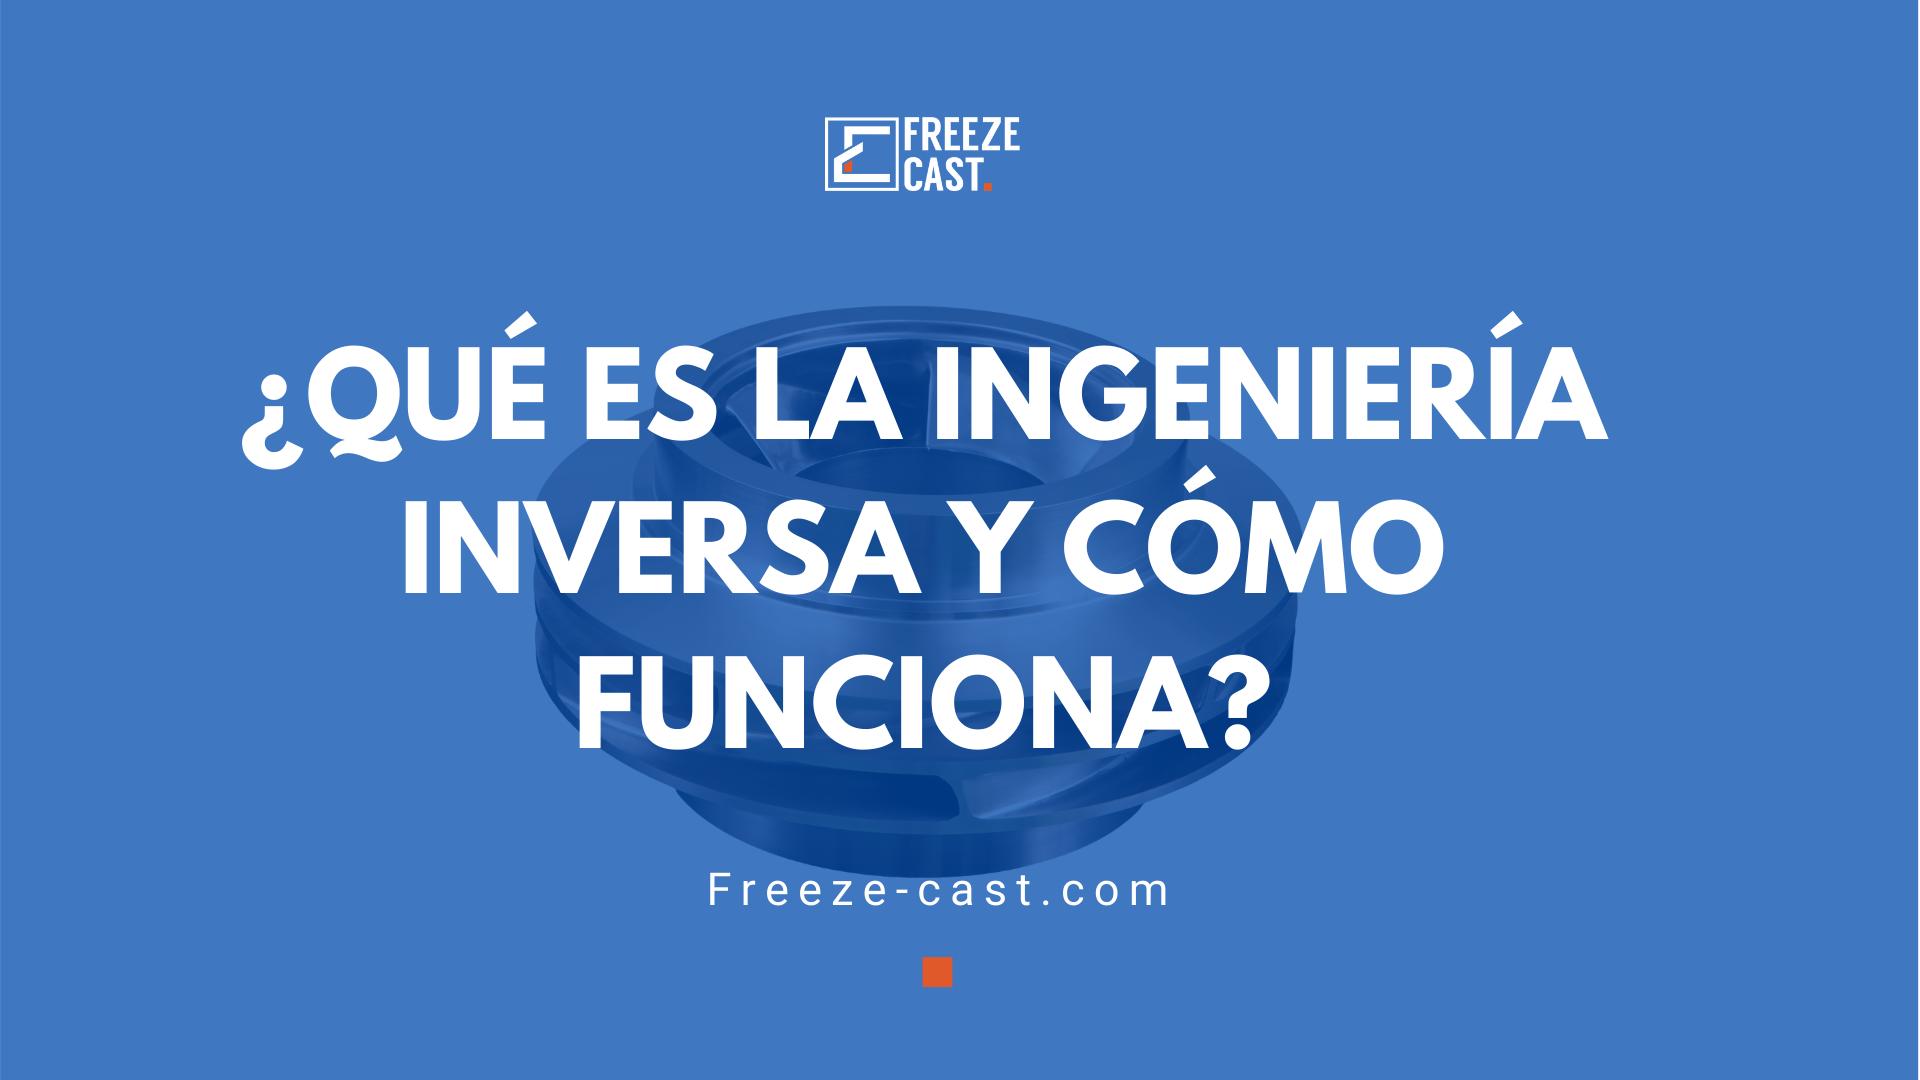 ¿Qué es la ingeniería inversa y cómo funciona?